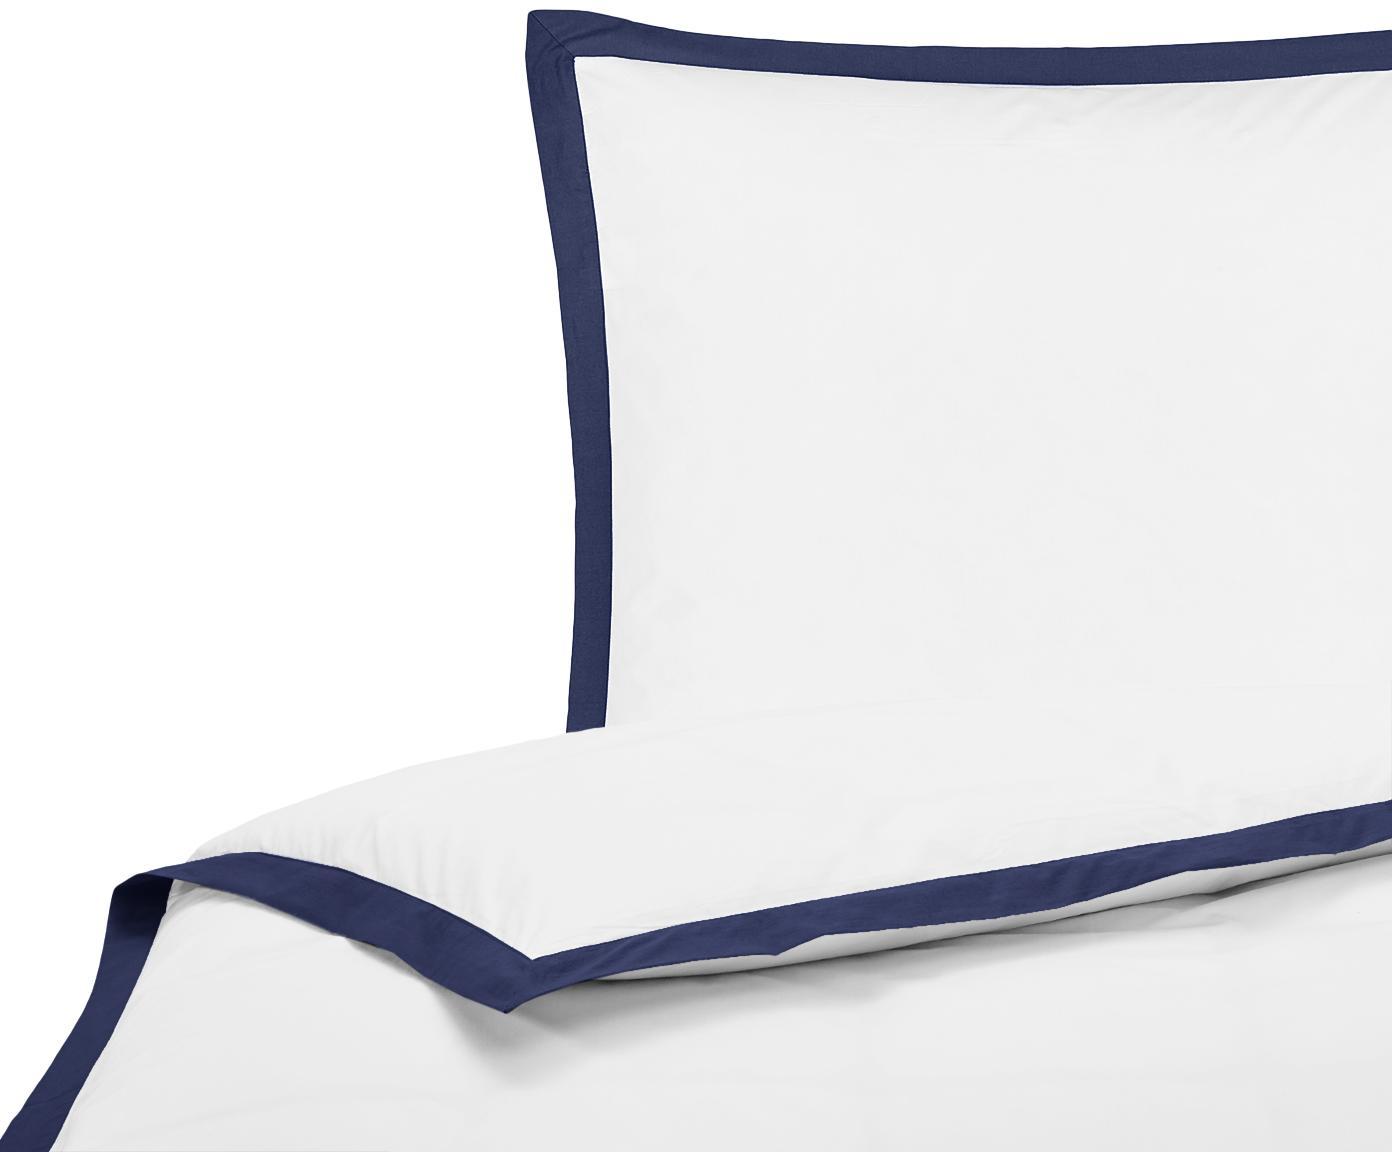 Baumwollperkal-Bettwäsche Joanna in Weiß mit blauem Stehsaum, Webart: Perkal Fadendichte 200 TC, Weiß, Dunkelblau, 155 x 220 cm + 1 Kissen 80 x 80 cm